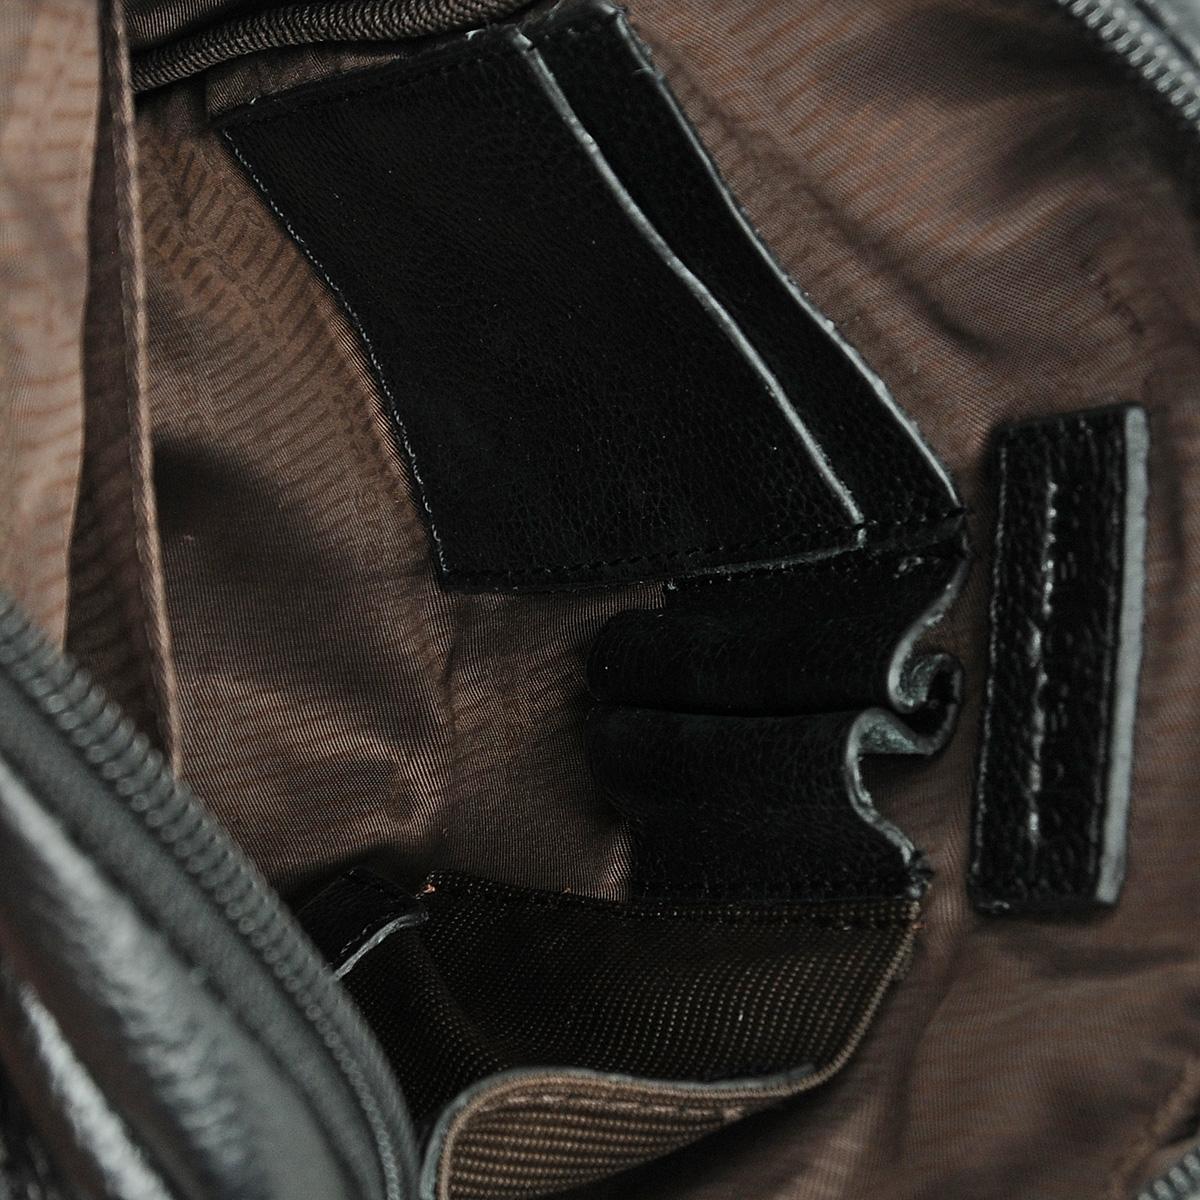 """Сумка мужская """"Malgrado"""", цвет: черный. BR11-489 ( BR11-489 black Сумка мужская, нат. кожа )"""